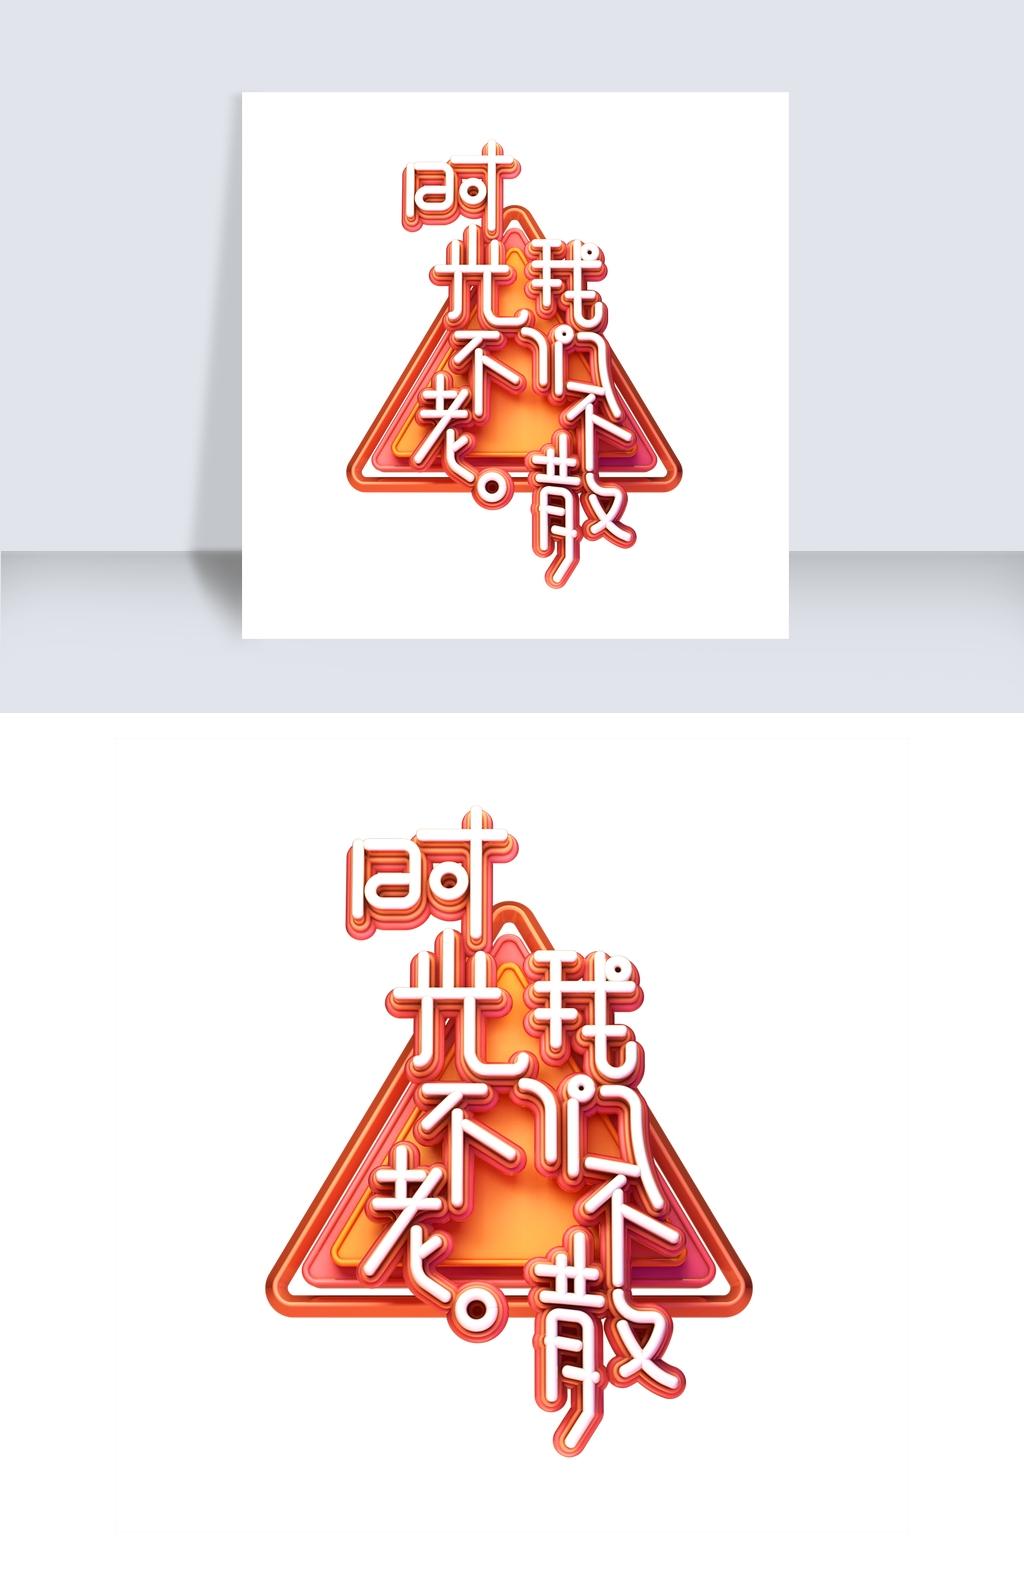 C4D艺术字课程不老我们不散字体时光ps海报设计元素图片